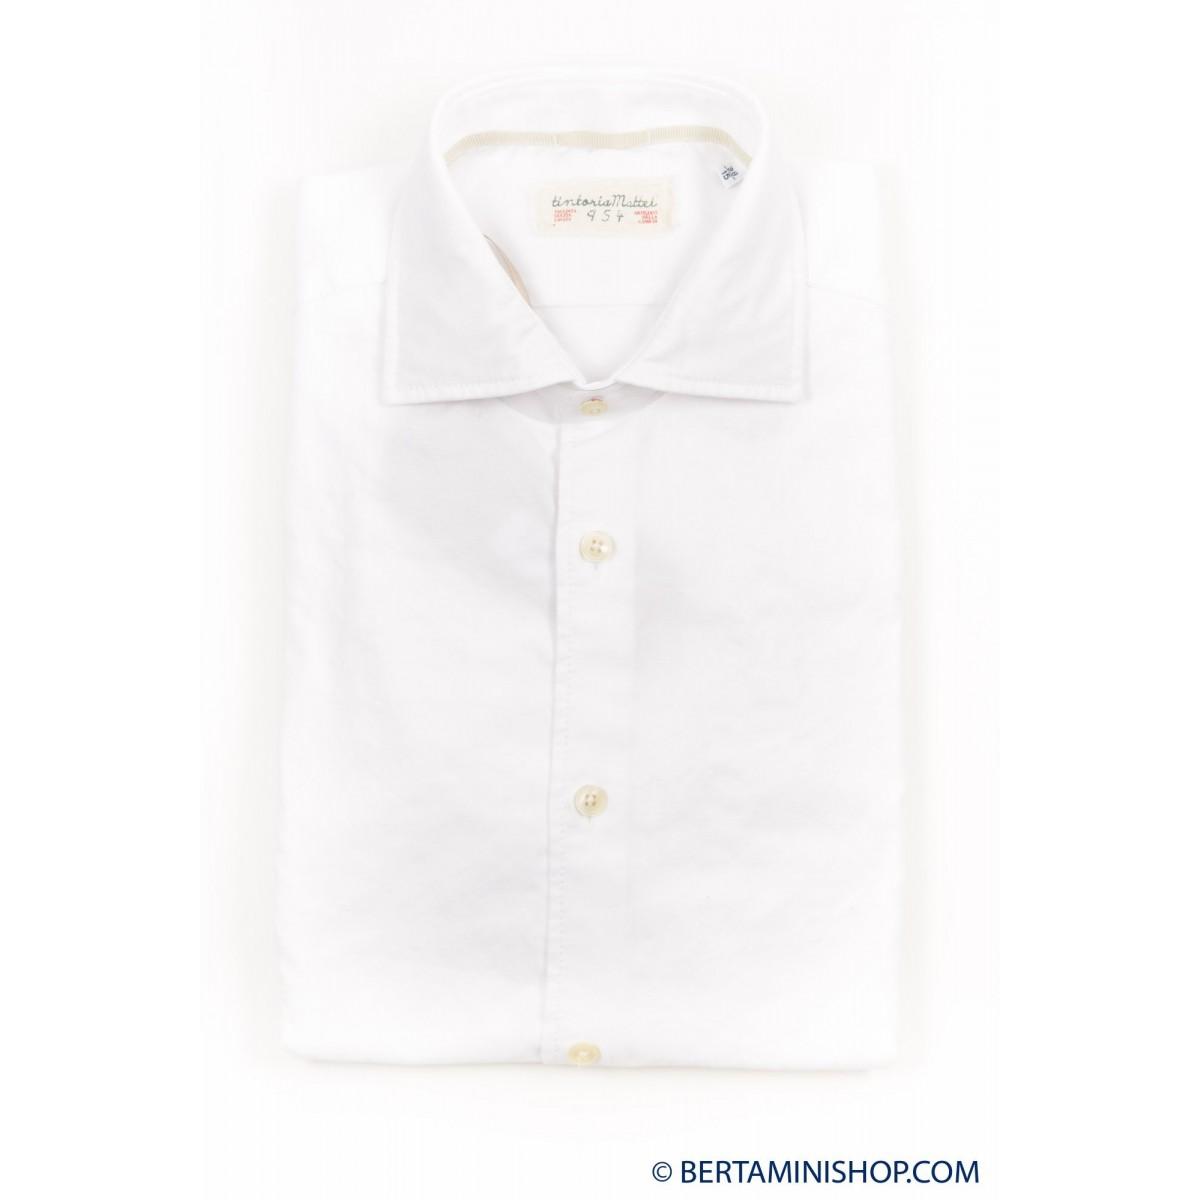 Shirt Tintoria Mattei 954 Man - TQ4 NJM